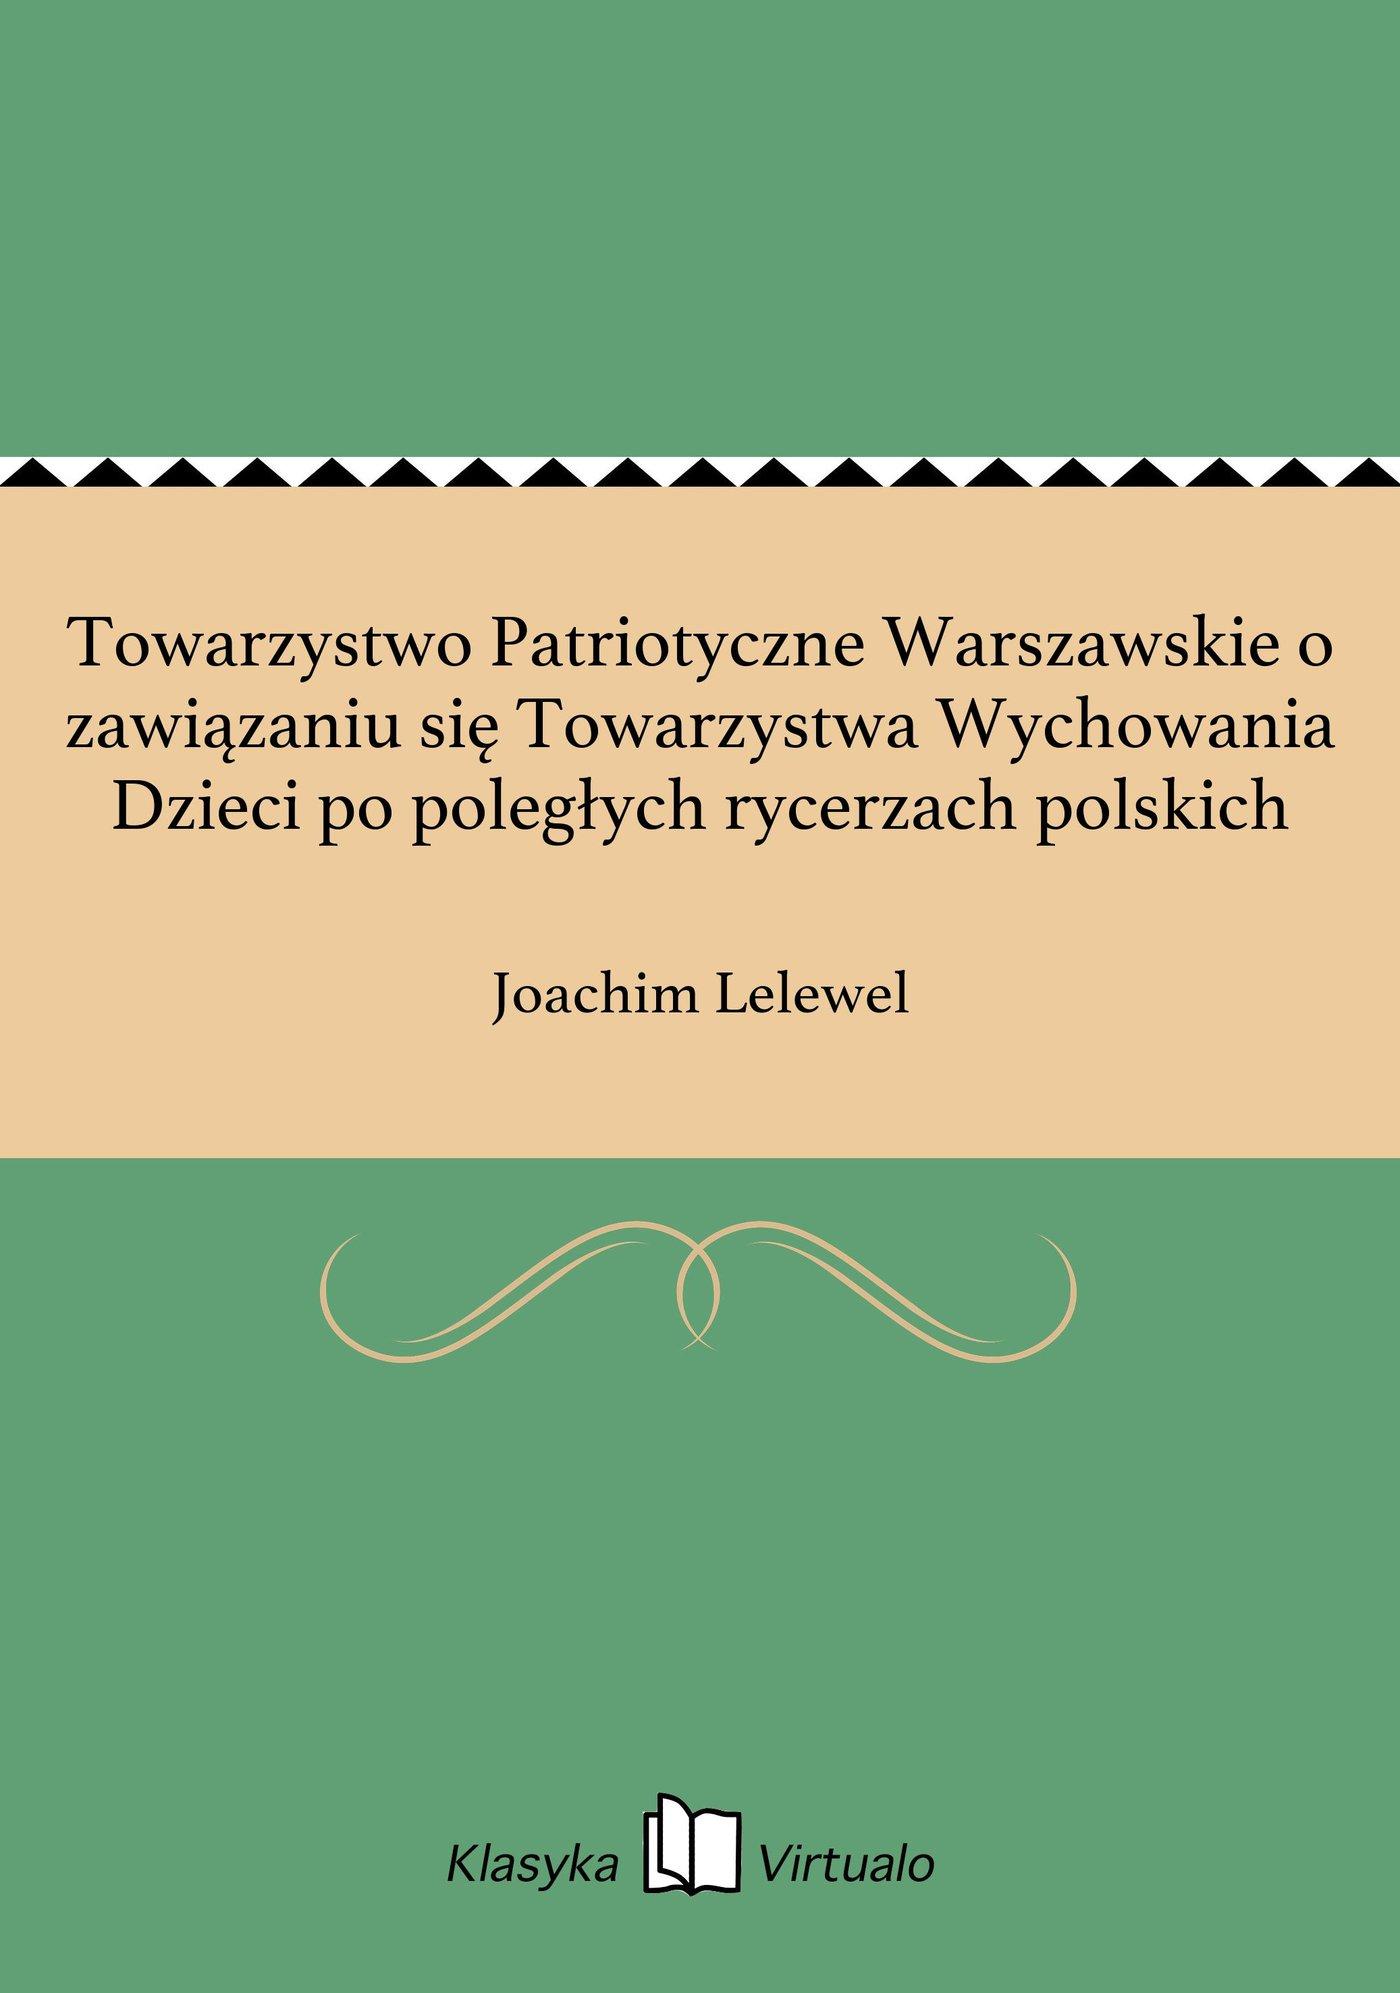 Towarzystwo Patriotyczne Warszawskie o zawiązaniu się Towarzystwa Wychowania Dzieci po poległych rycerzach polskich - Ebook (Książka EPUB) do pobrania w formacie EPUB